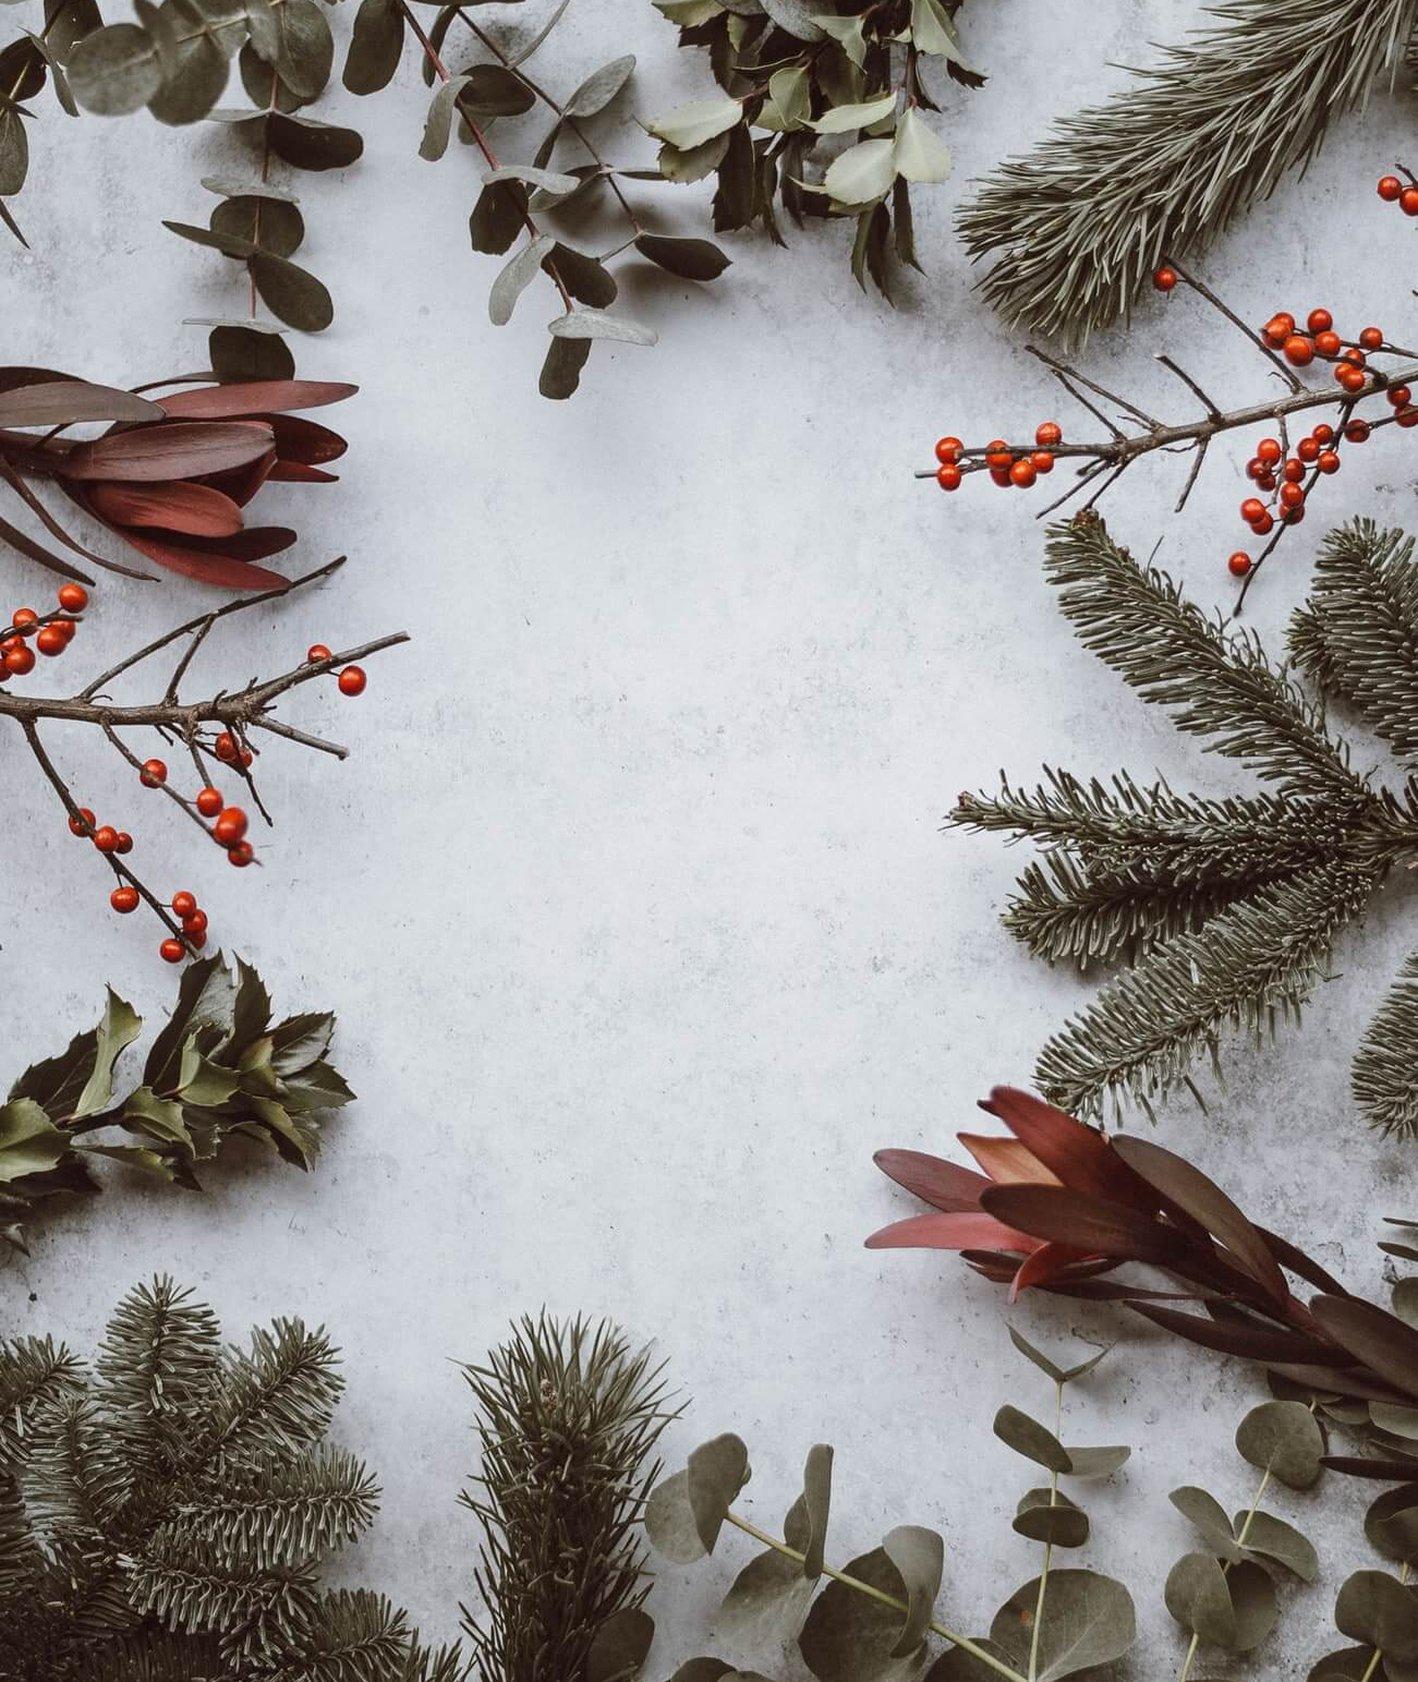 Dekoracje świąteczne (fot. Annie Spratt)